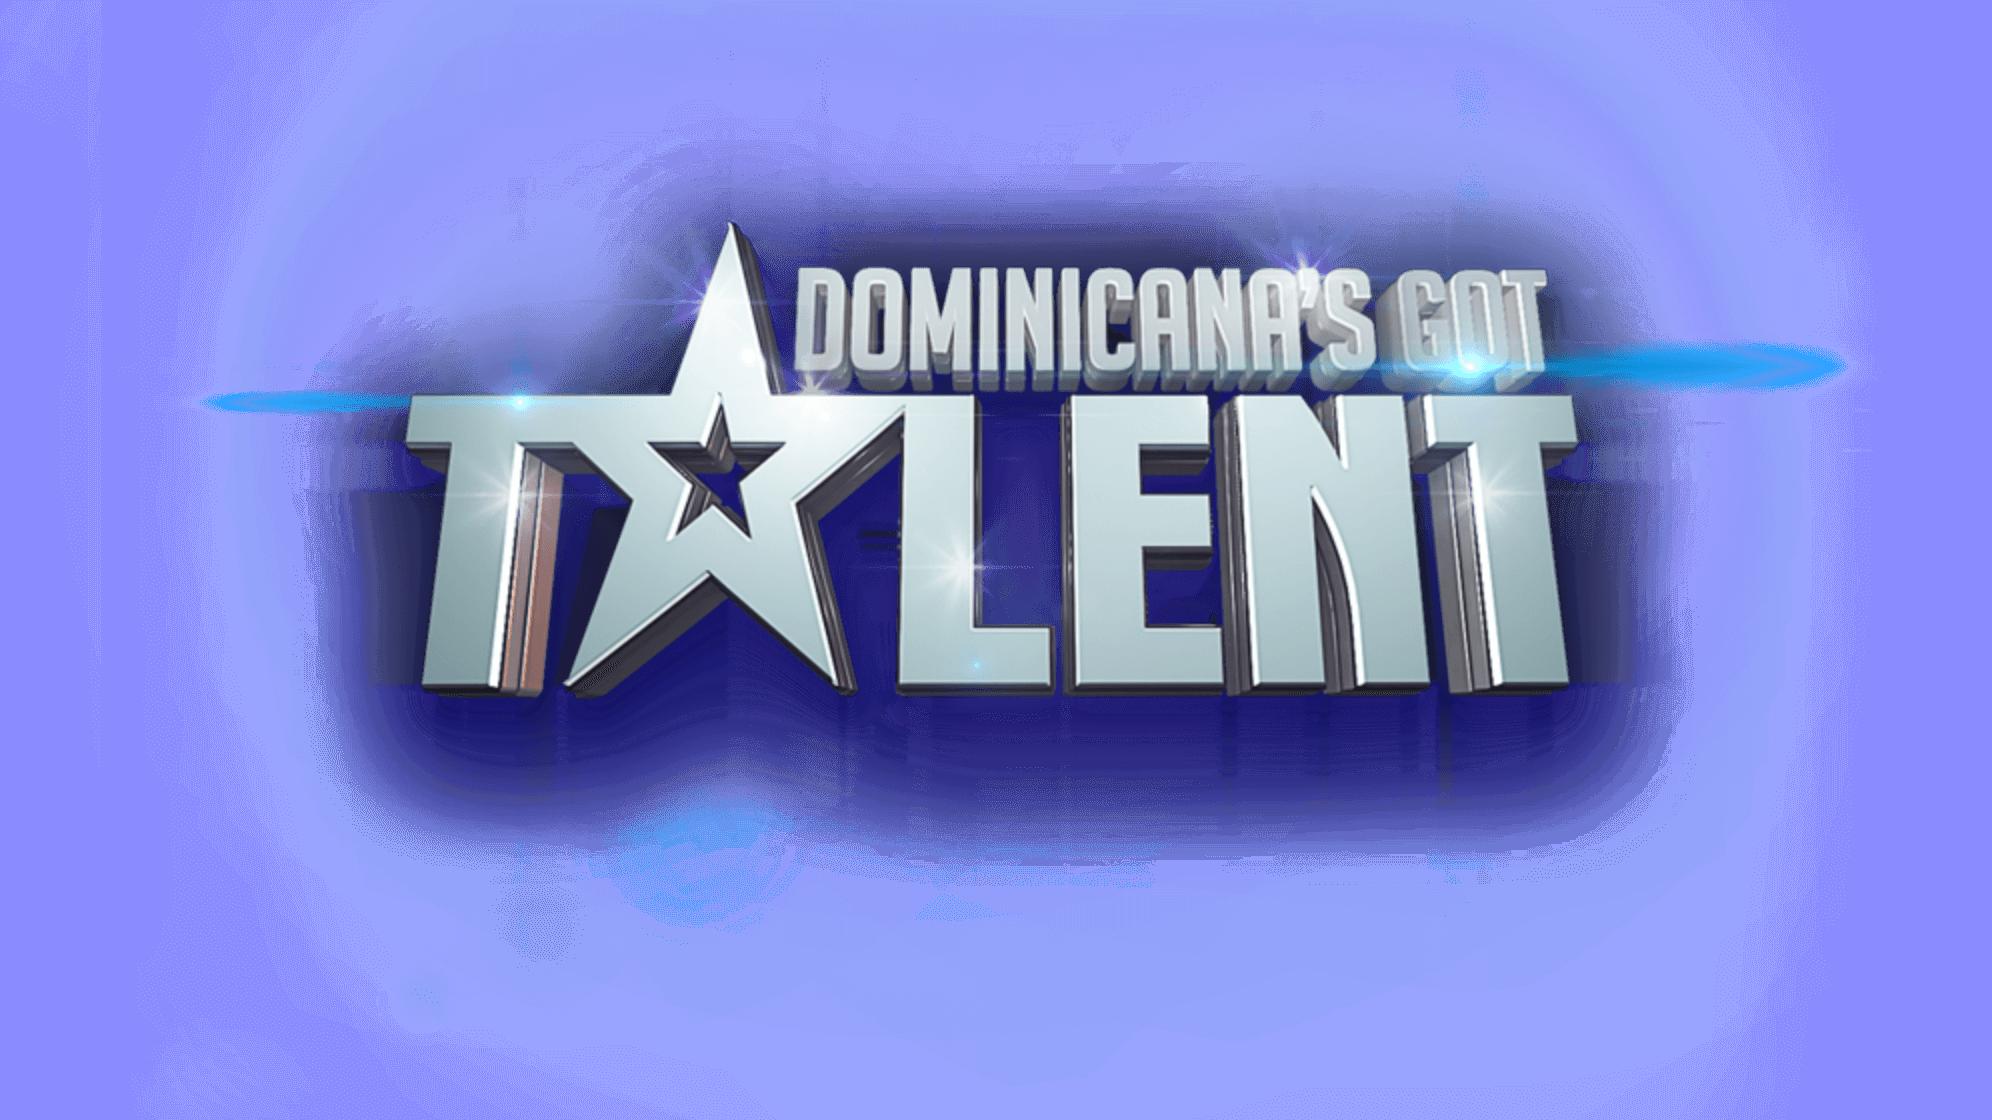 Dominicanas got talent